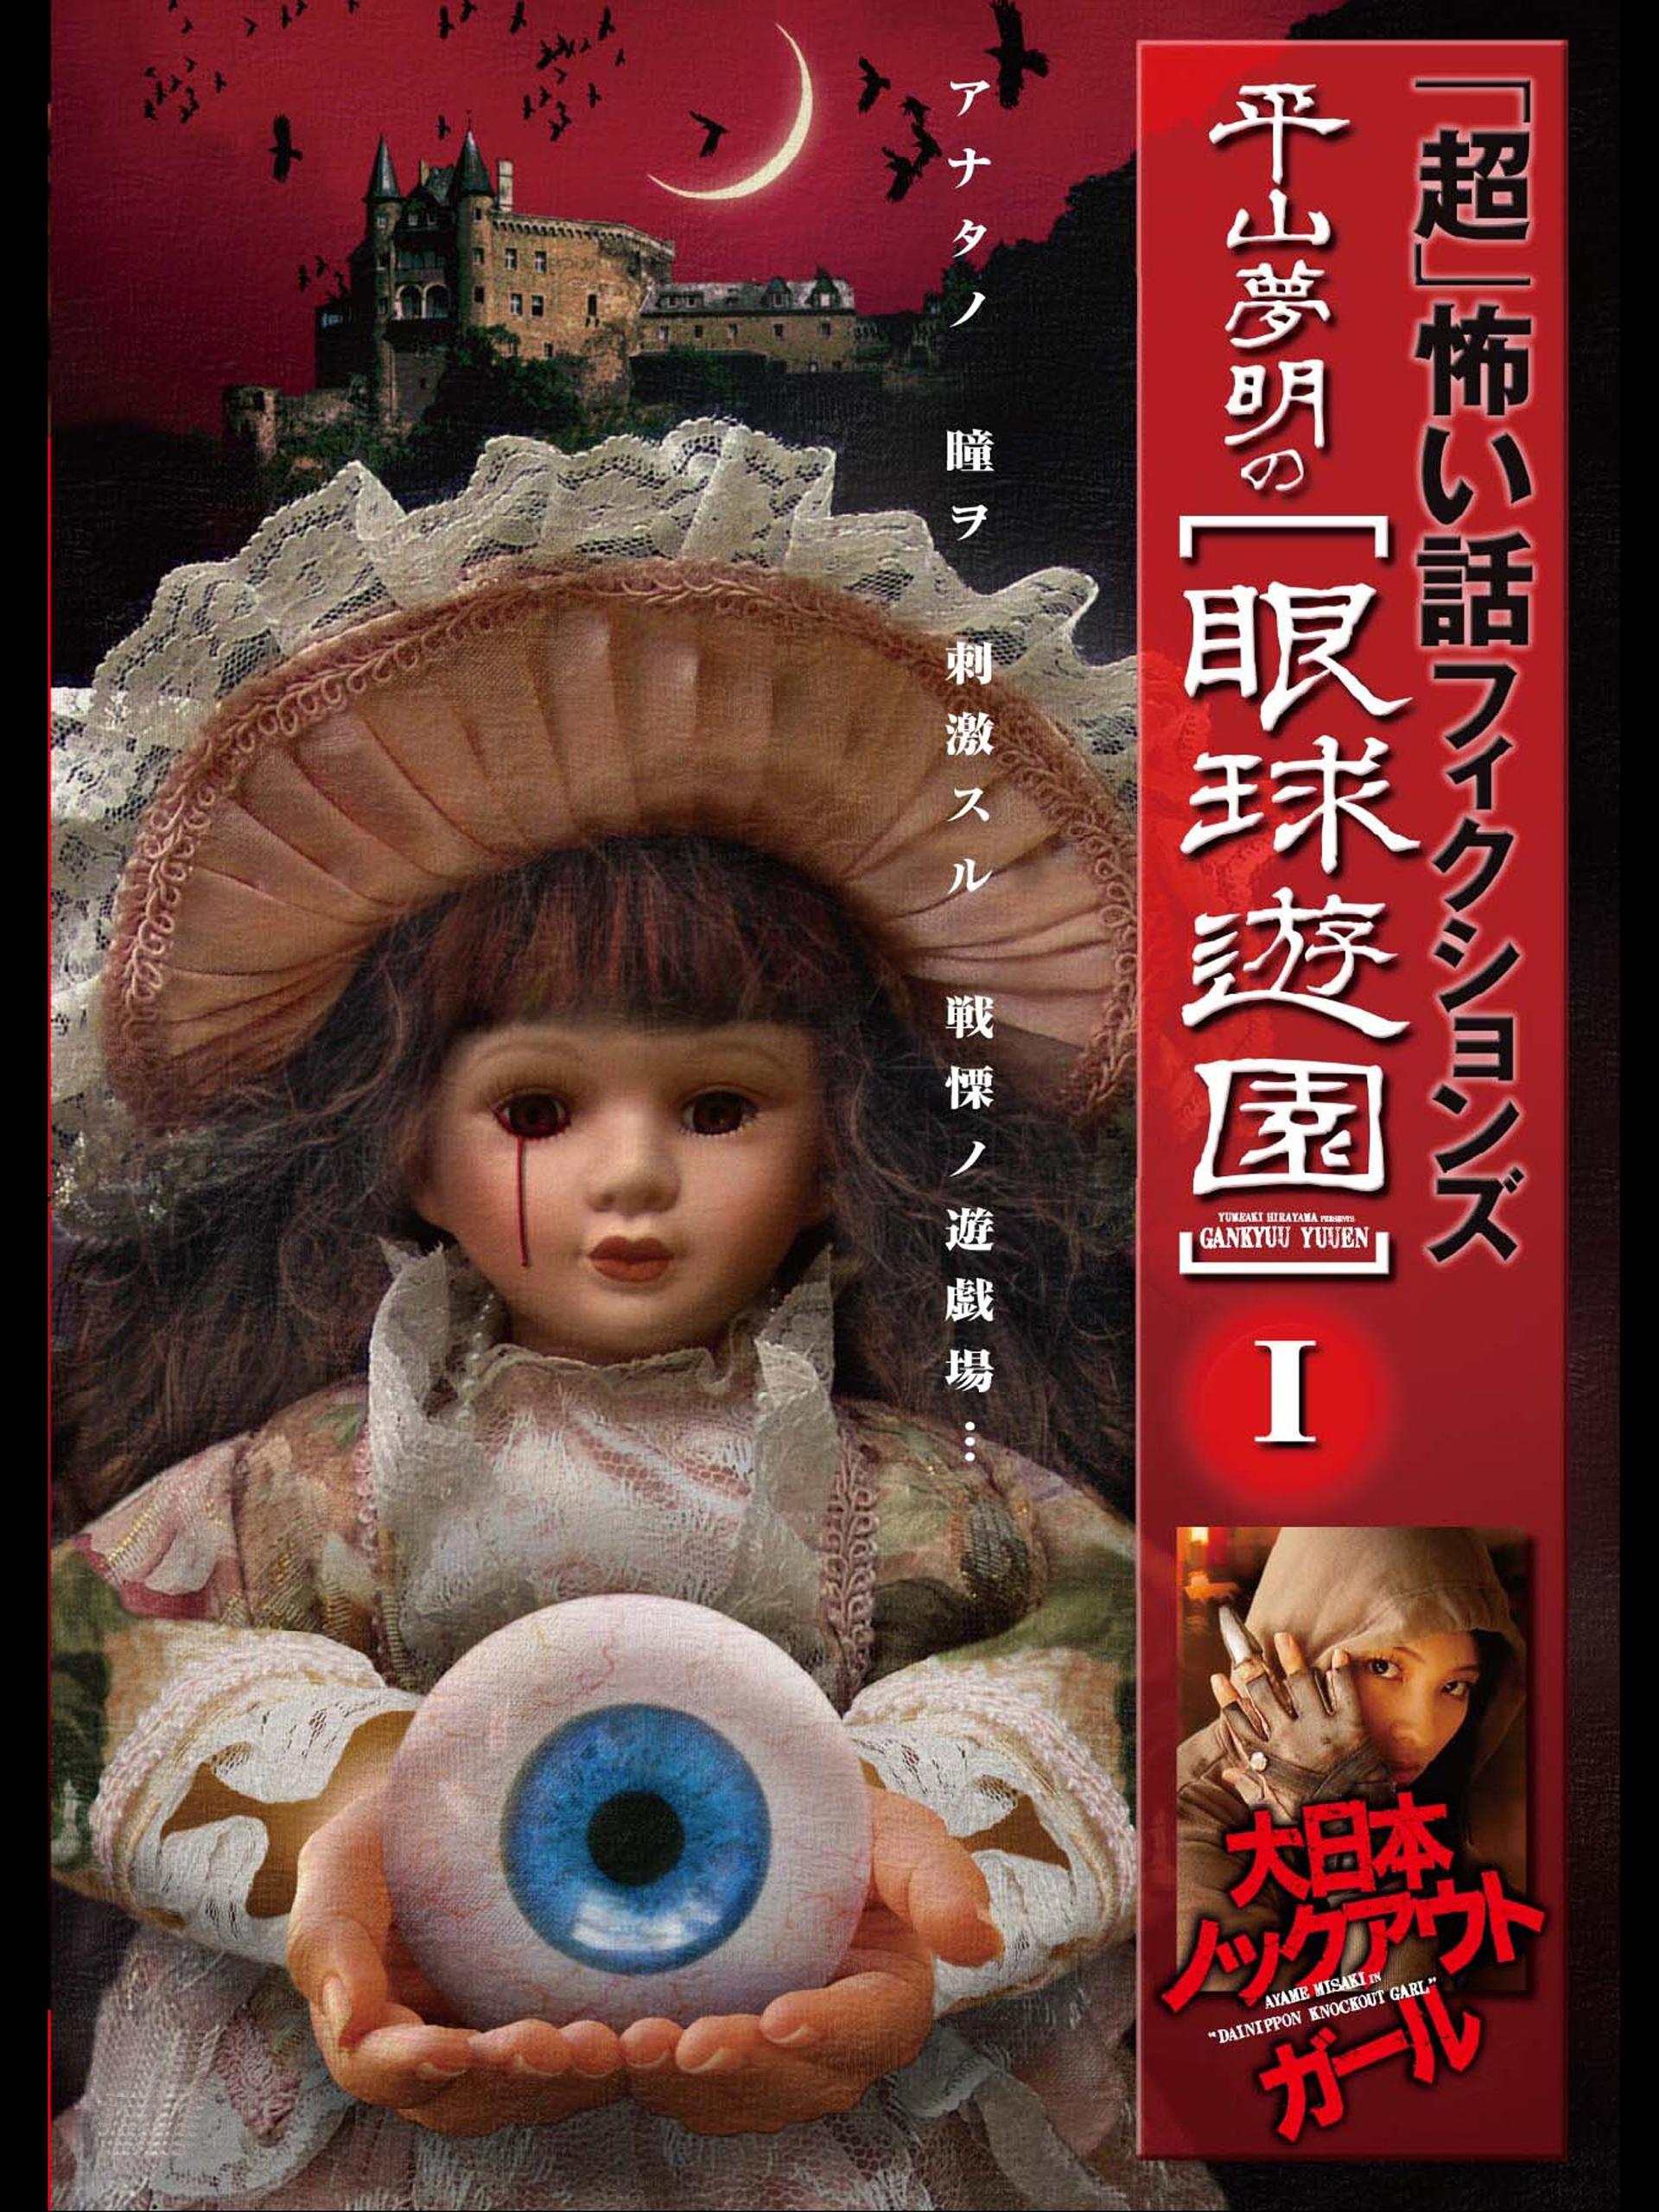 「超」怖い話 フィクションズ 平山夢明の眼球遊園 episodeⅠ